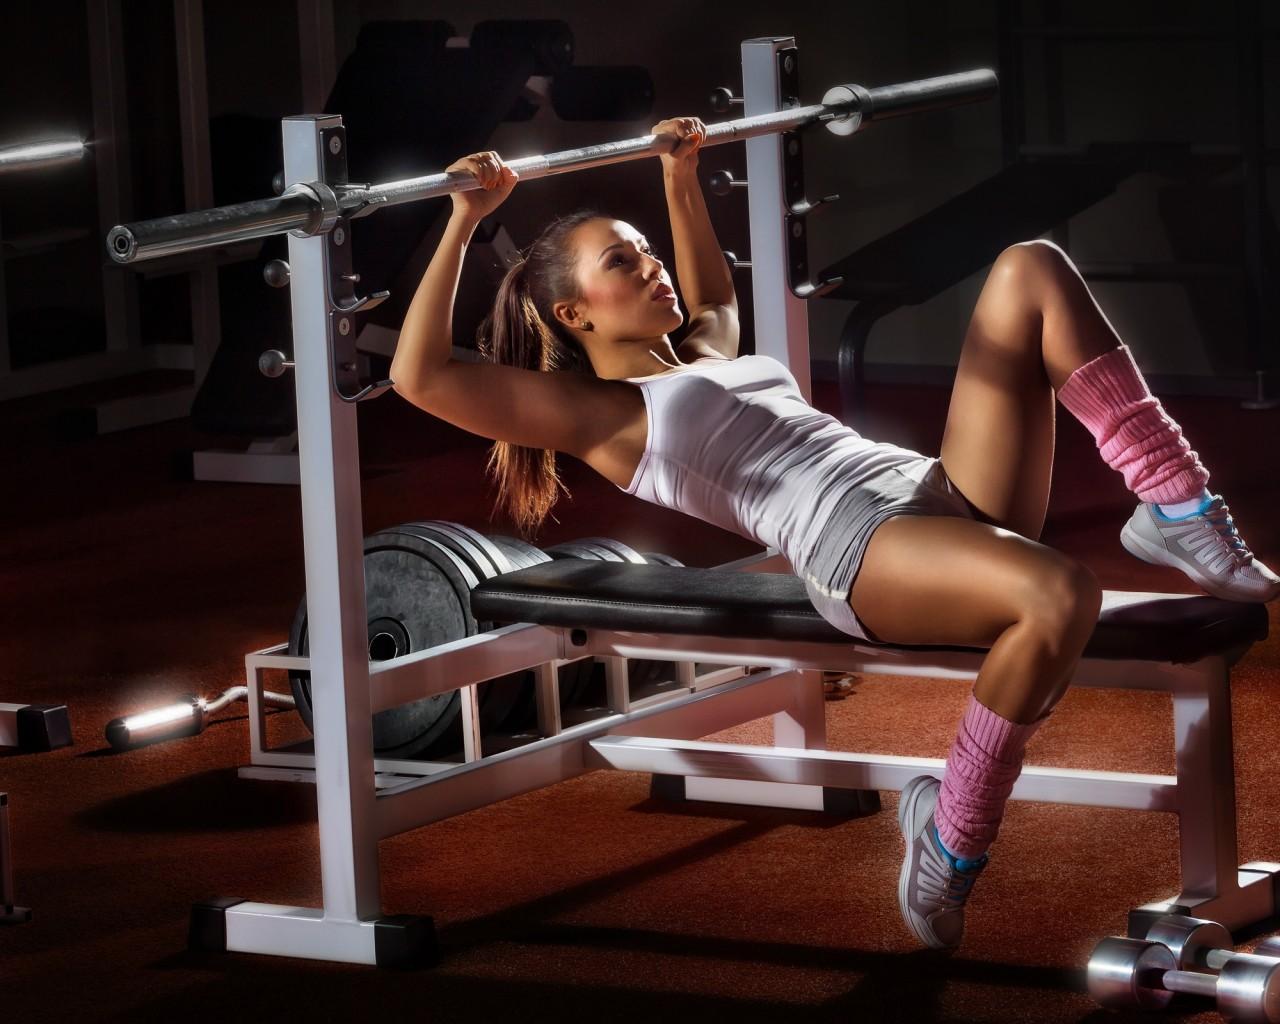 Para perda de peso, Menos exercício pode ser mais…